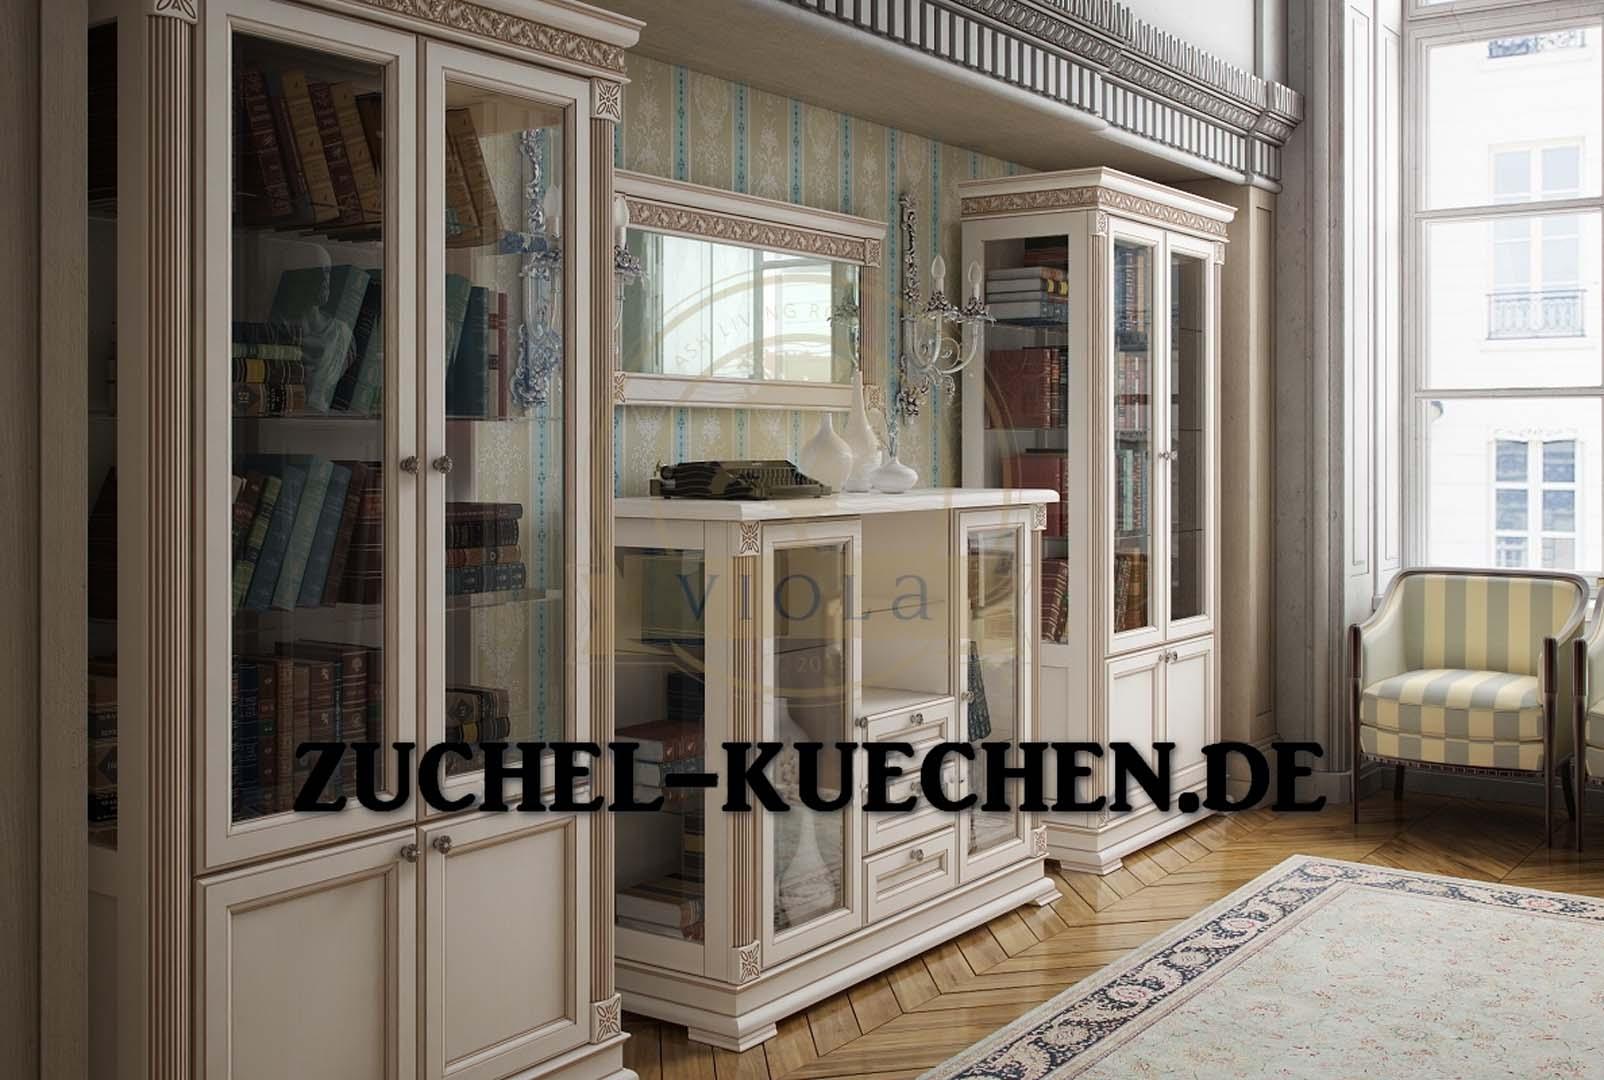 wohnzimmer zuchel k che. Black Bedroom Furniture Sets. Home Design Ideas